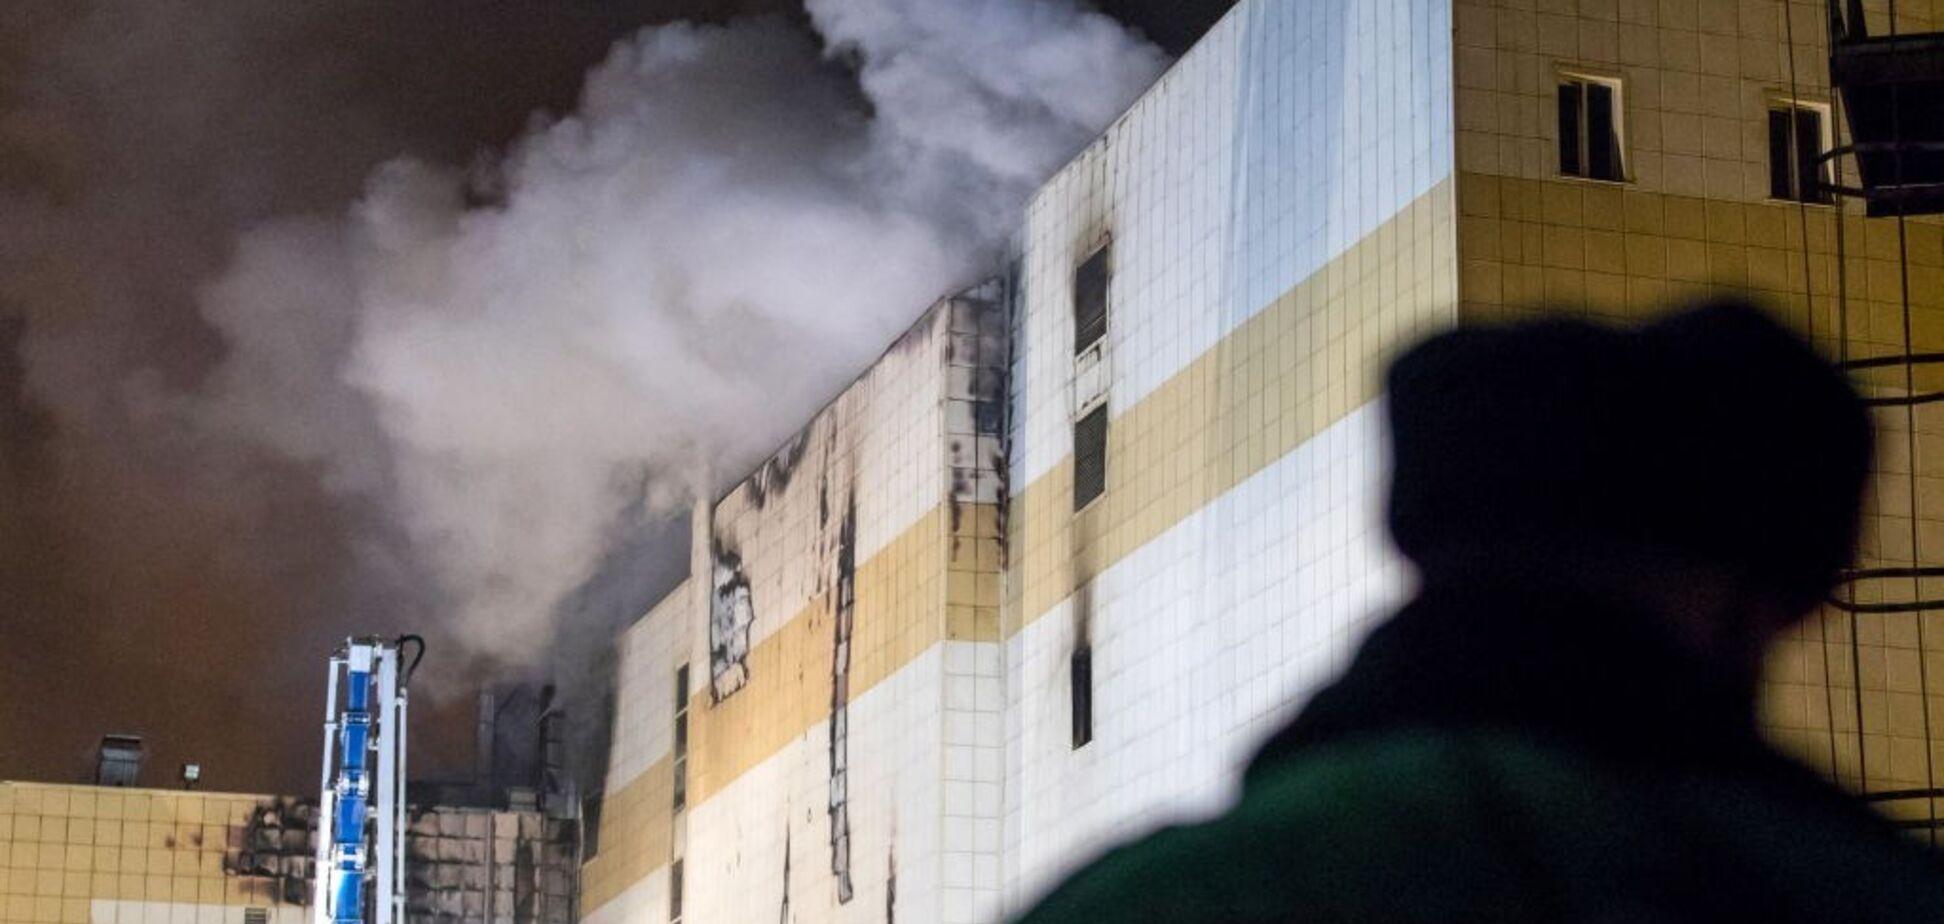 'Дети горели из-за порядка': отец погибших в Кемерово рассказал детали ЧП